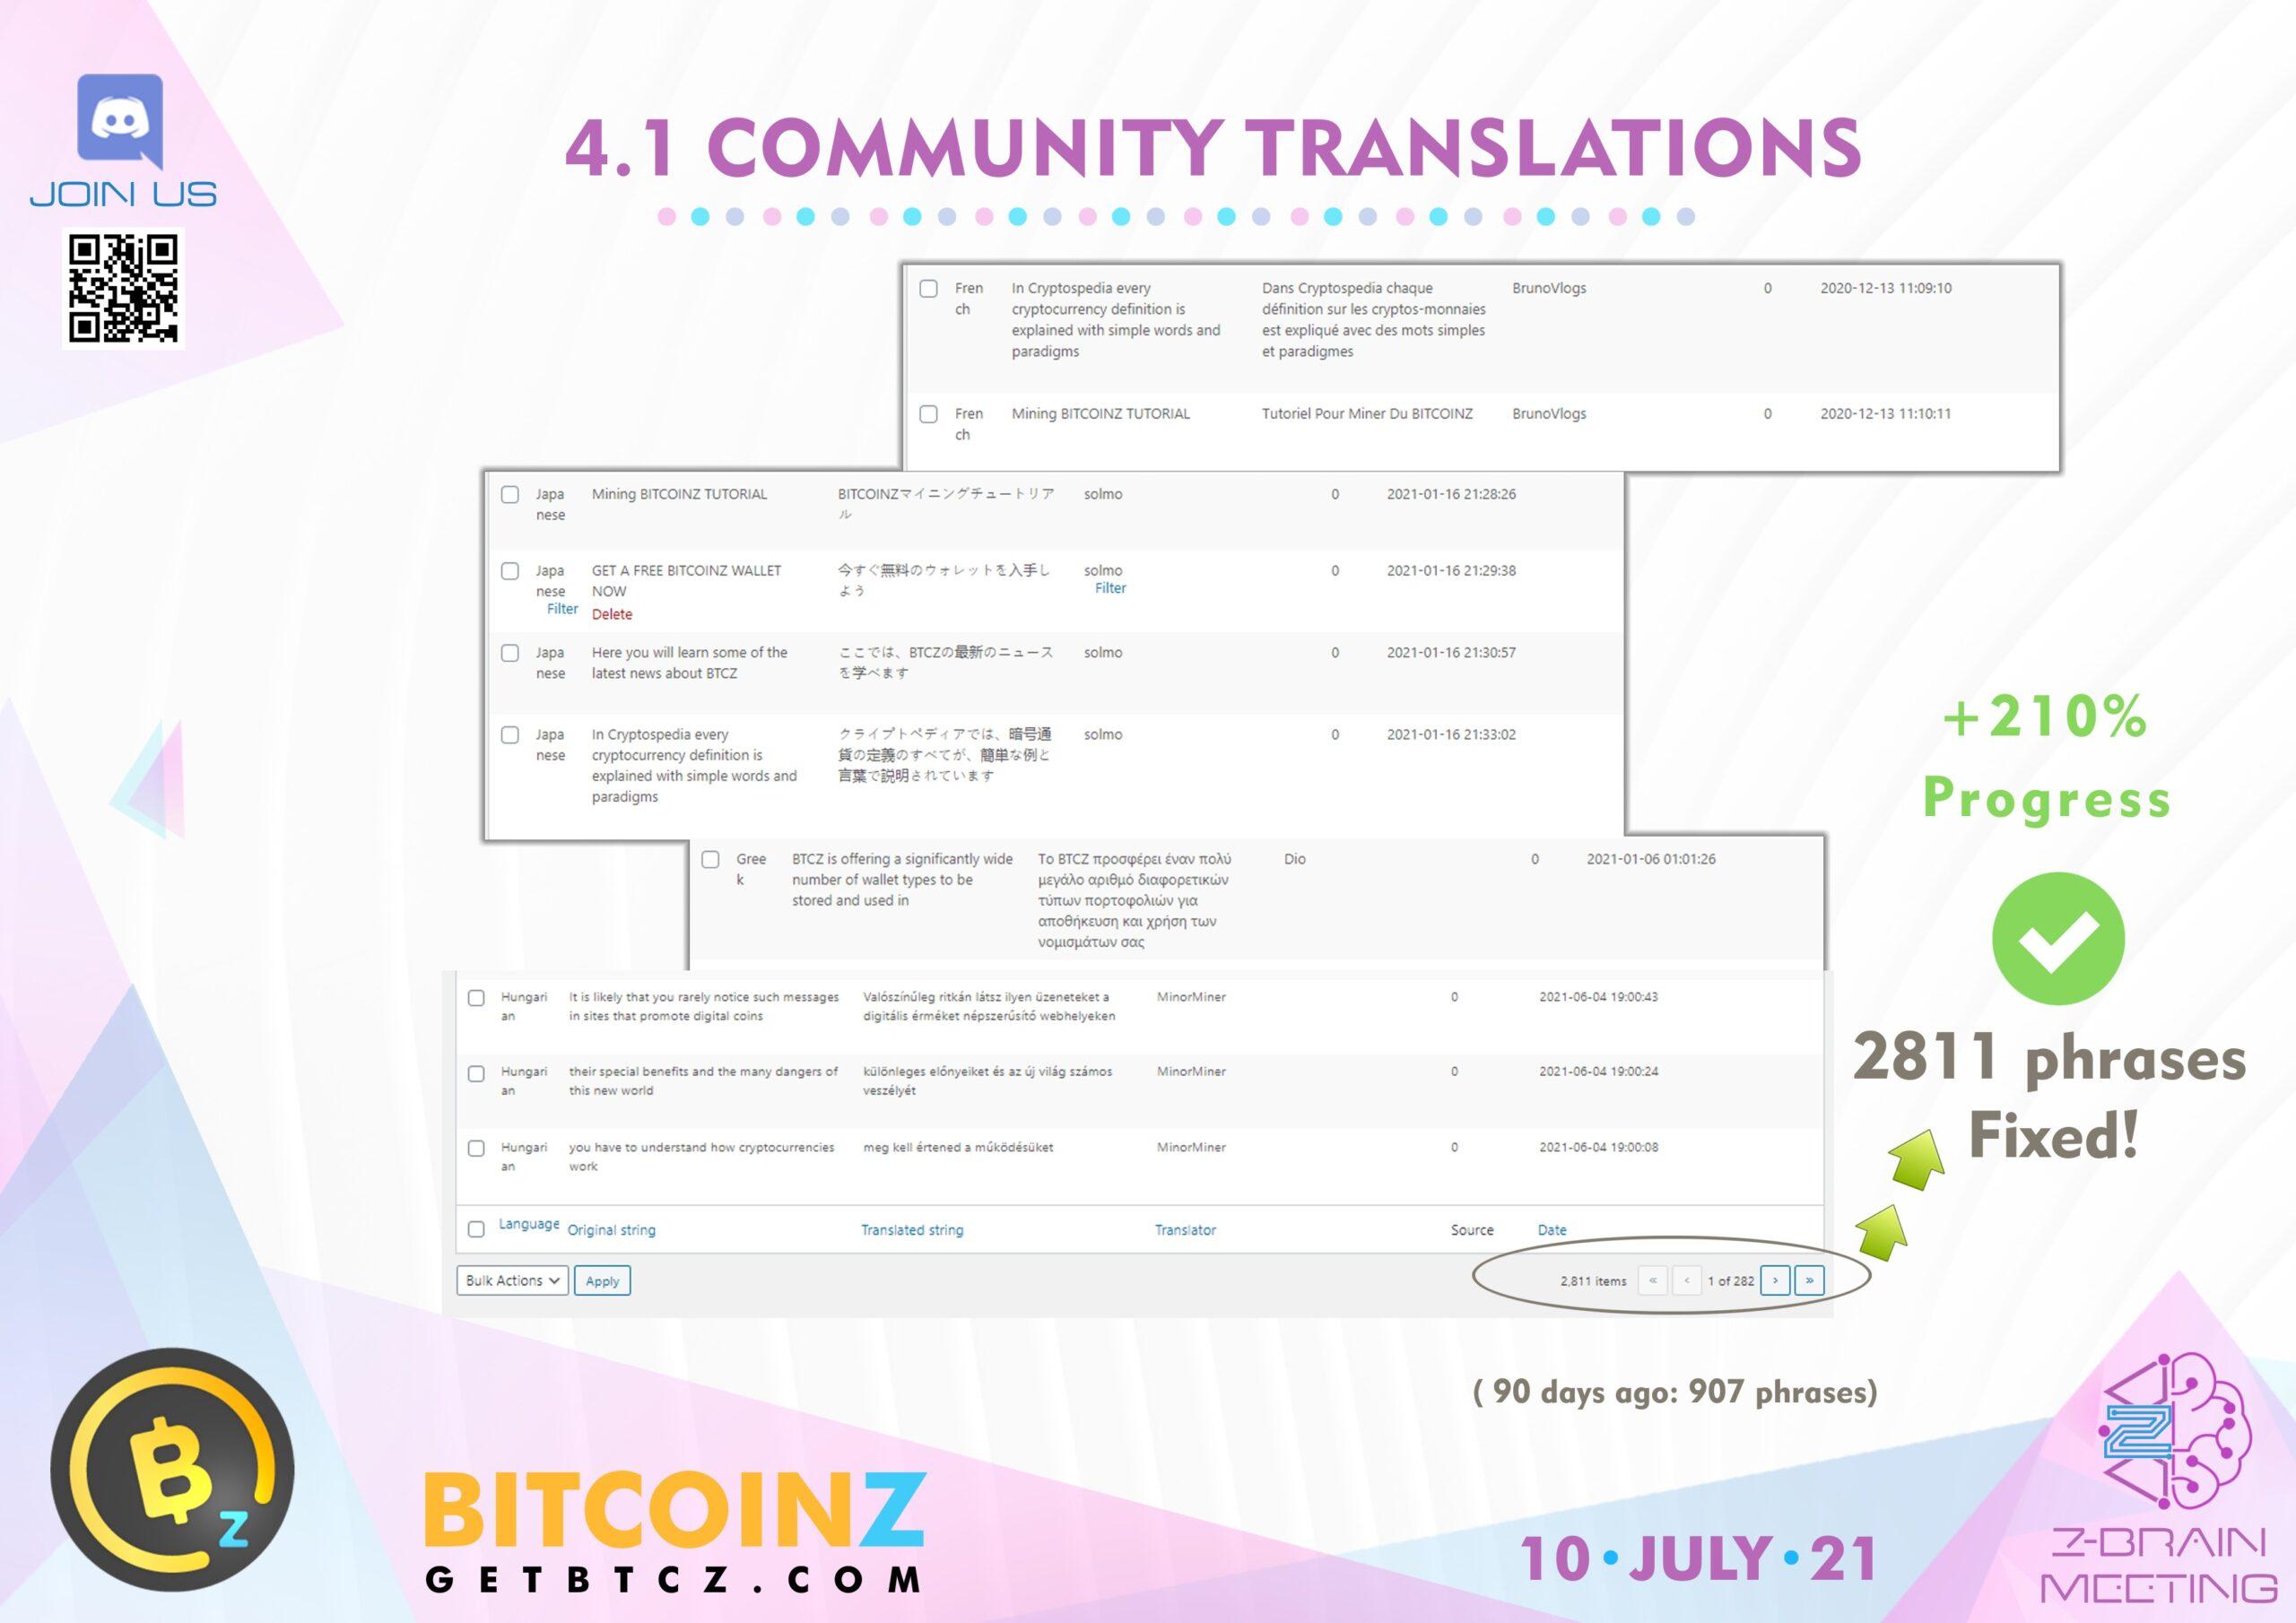 BITCOINZ Site's Translation progress